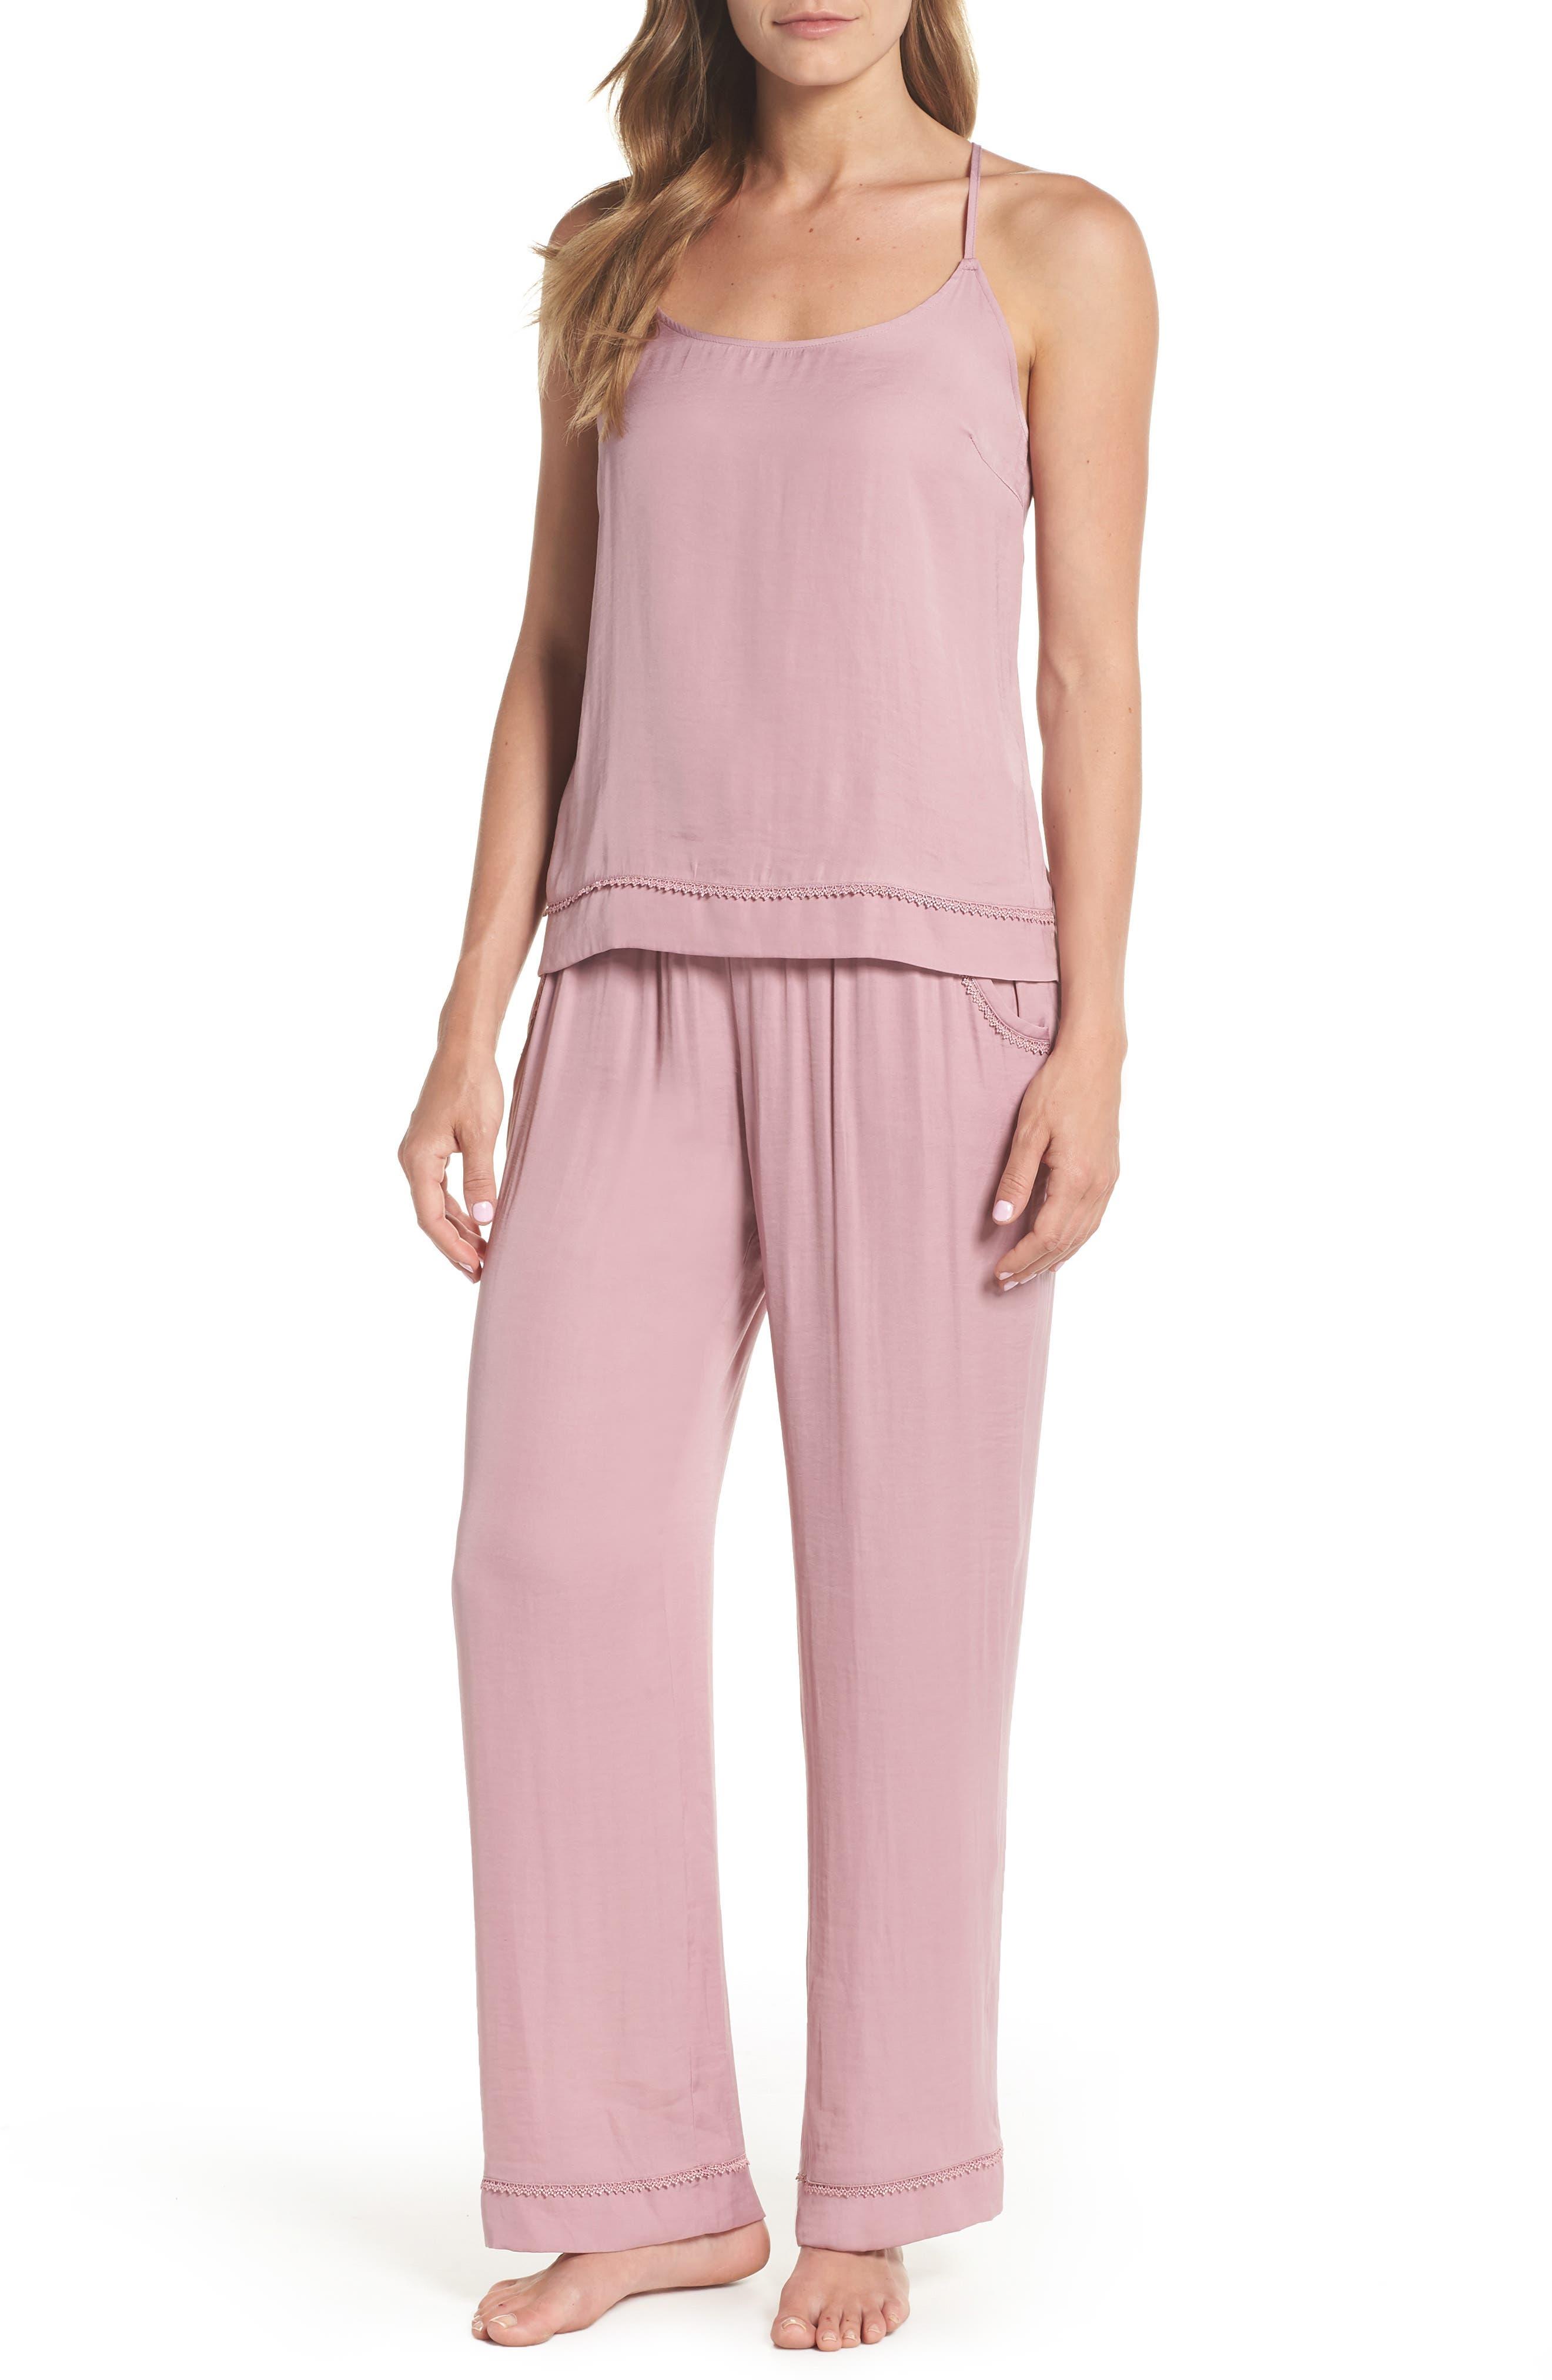 Sweet Dreams Satin Pajamas,                             Main thumbnail 1, color,                             Purple Lilas